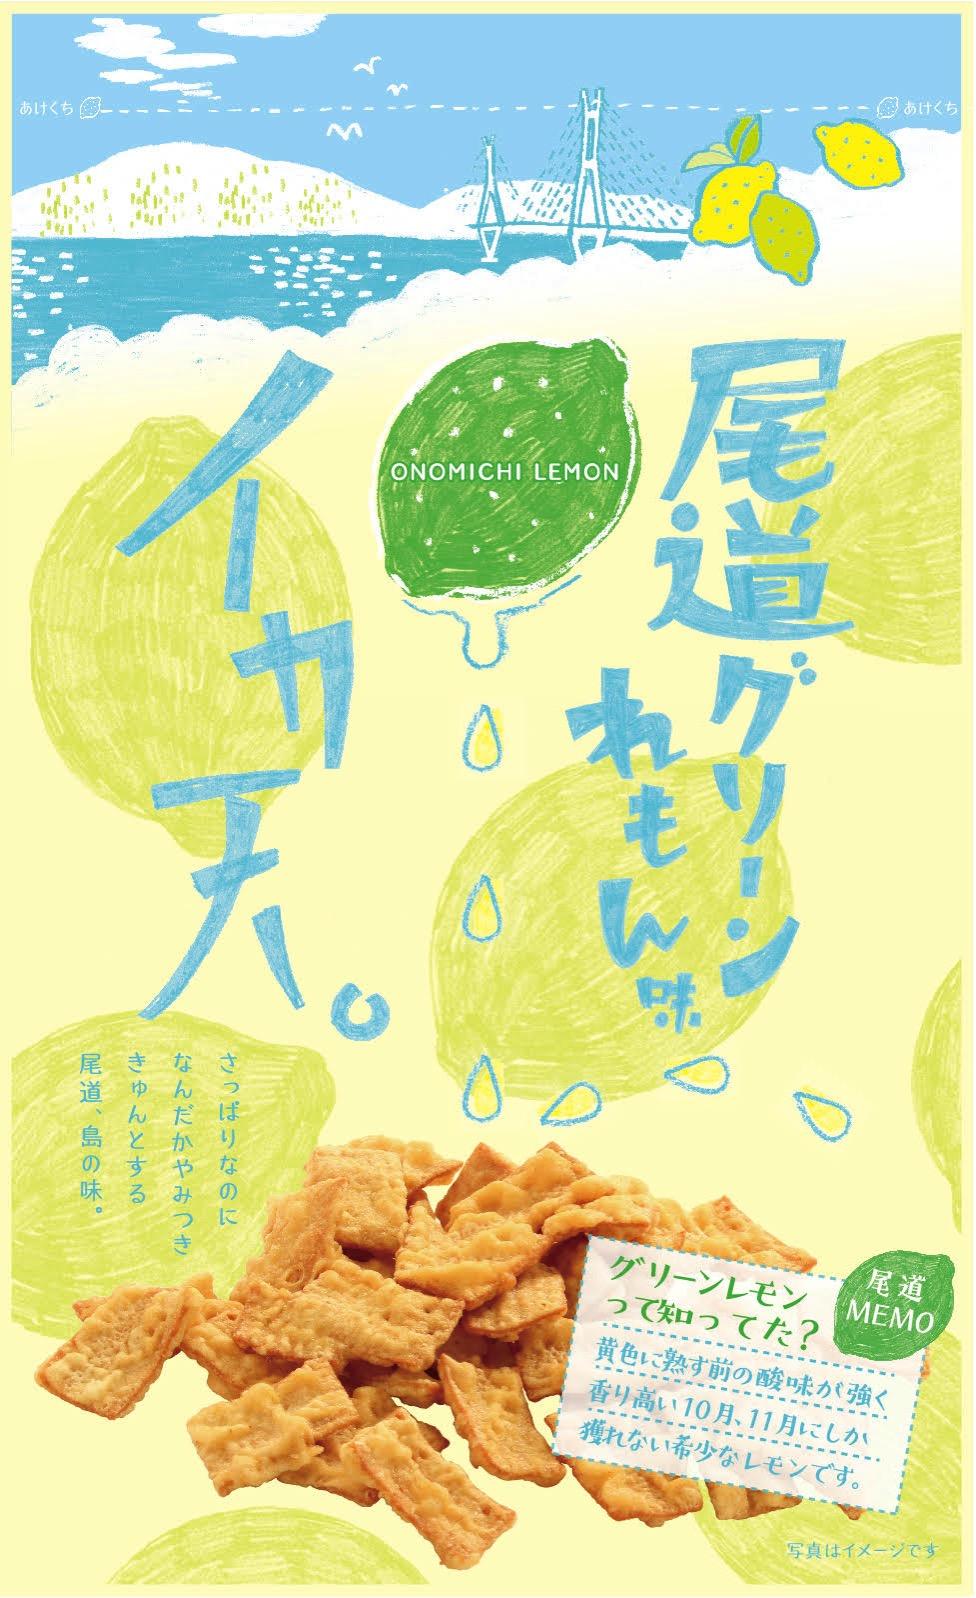 イカ天尾道グリーンレモン味 by まるか食品 が1月15日から出荷開始!数量限定販売!気になる人は急いでポチッと!